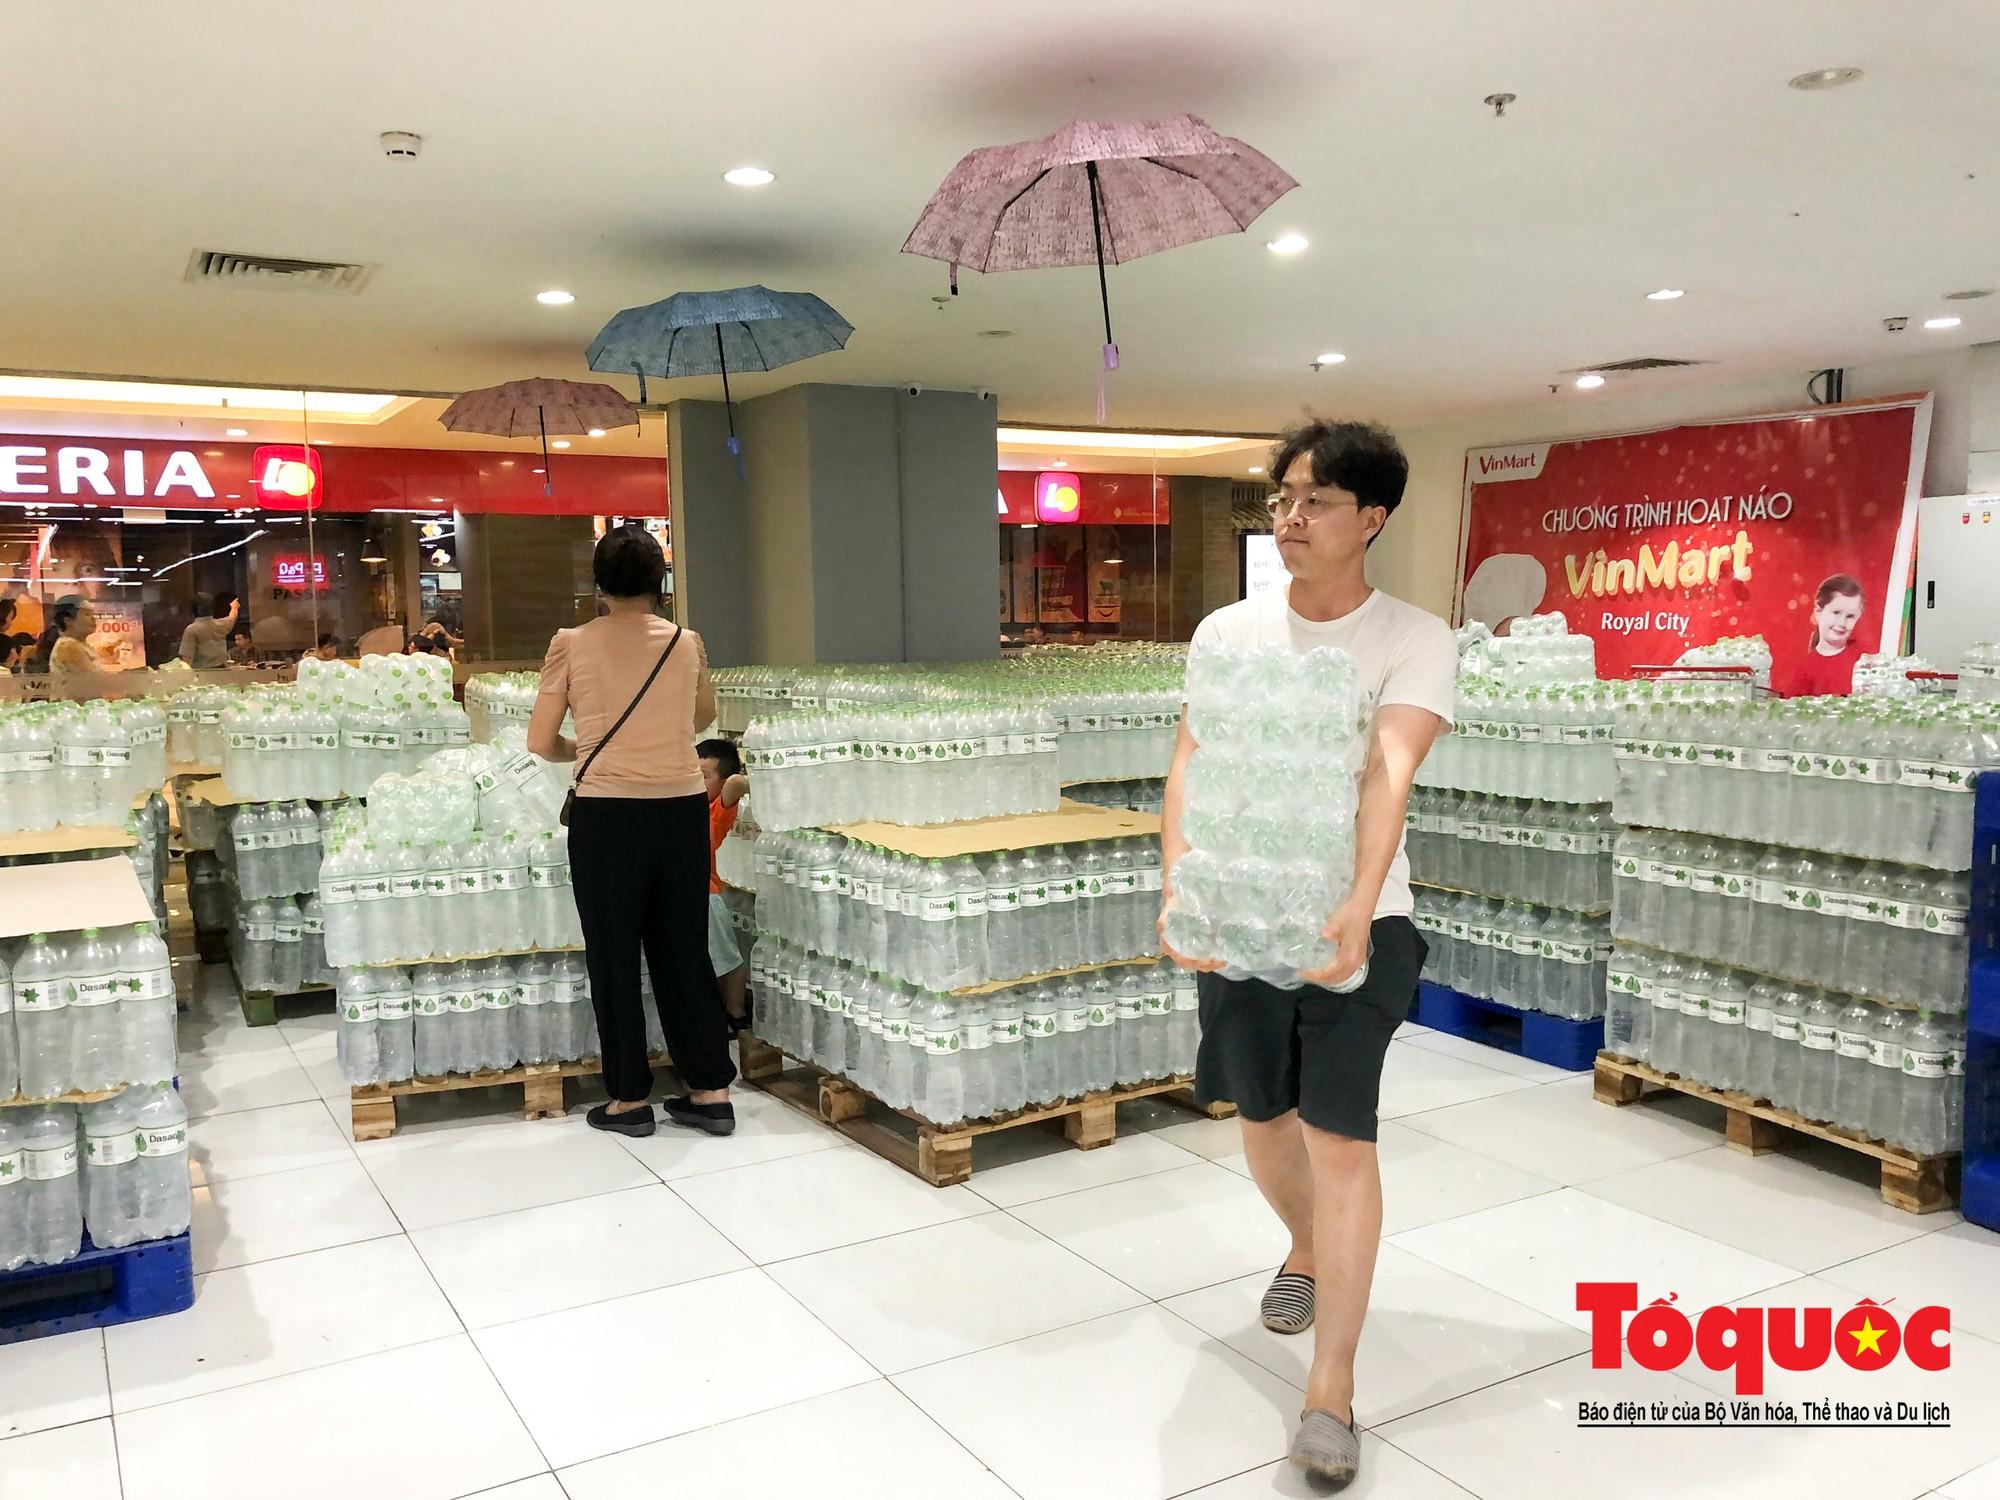 Sợ nước bẩn, người dân đổ xô đến các siêu thi mua nước đóng chai11